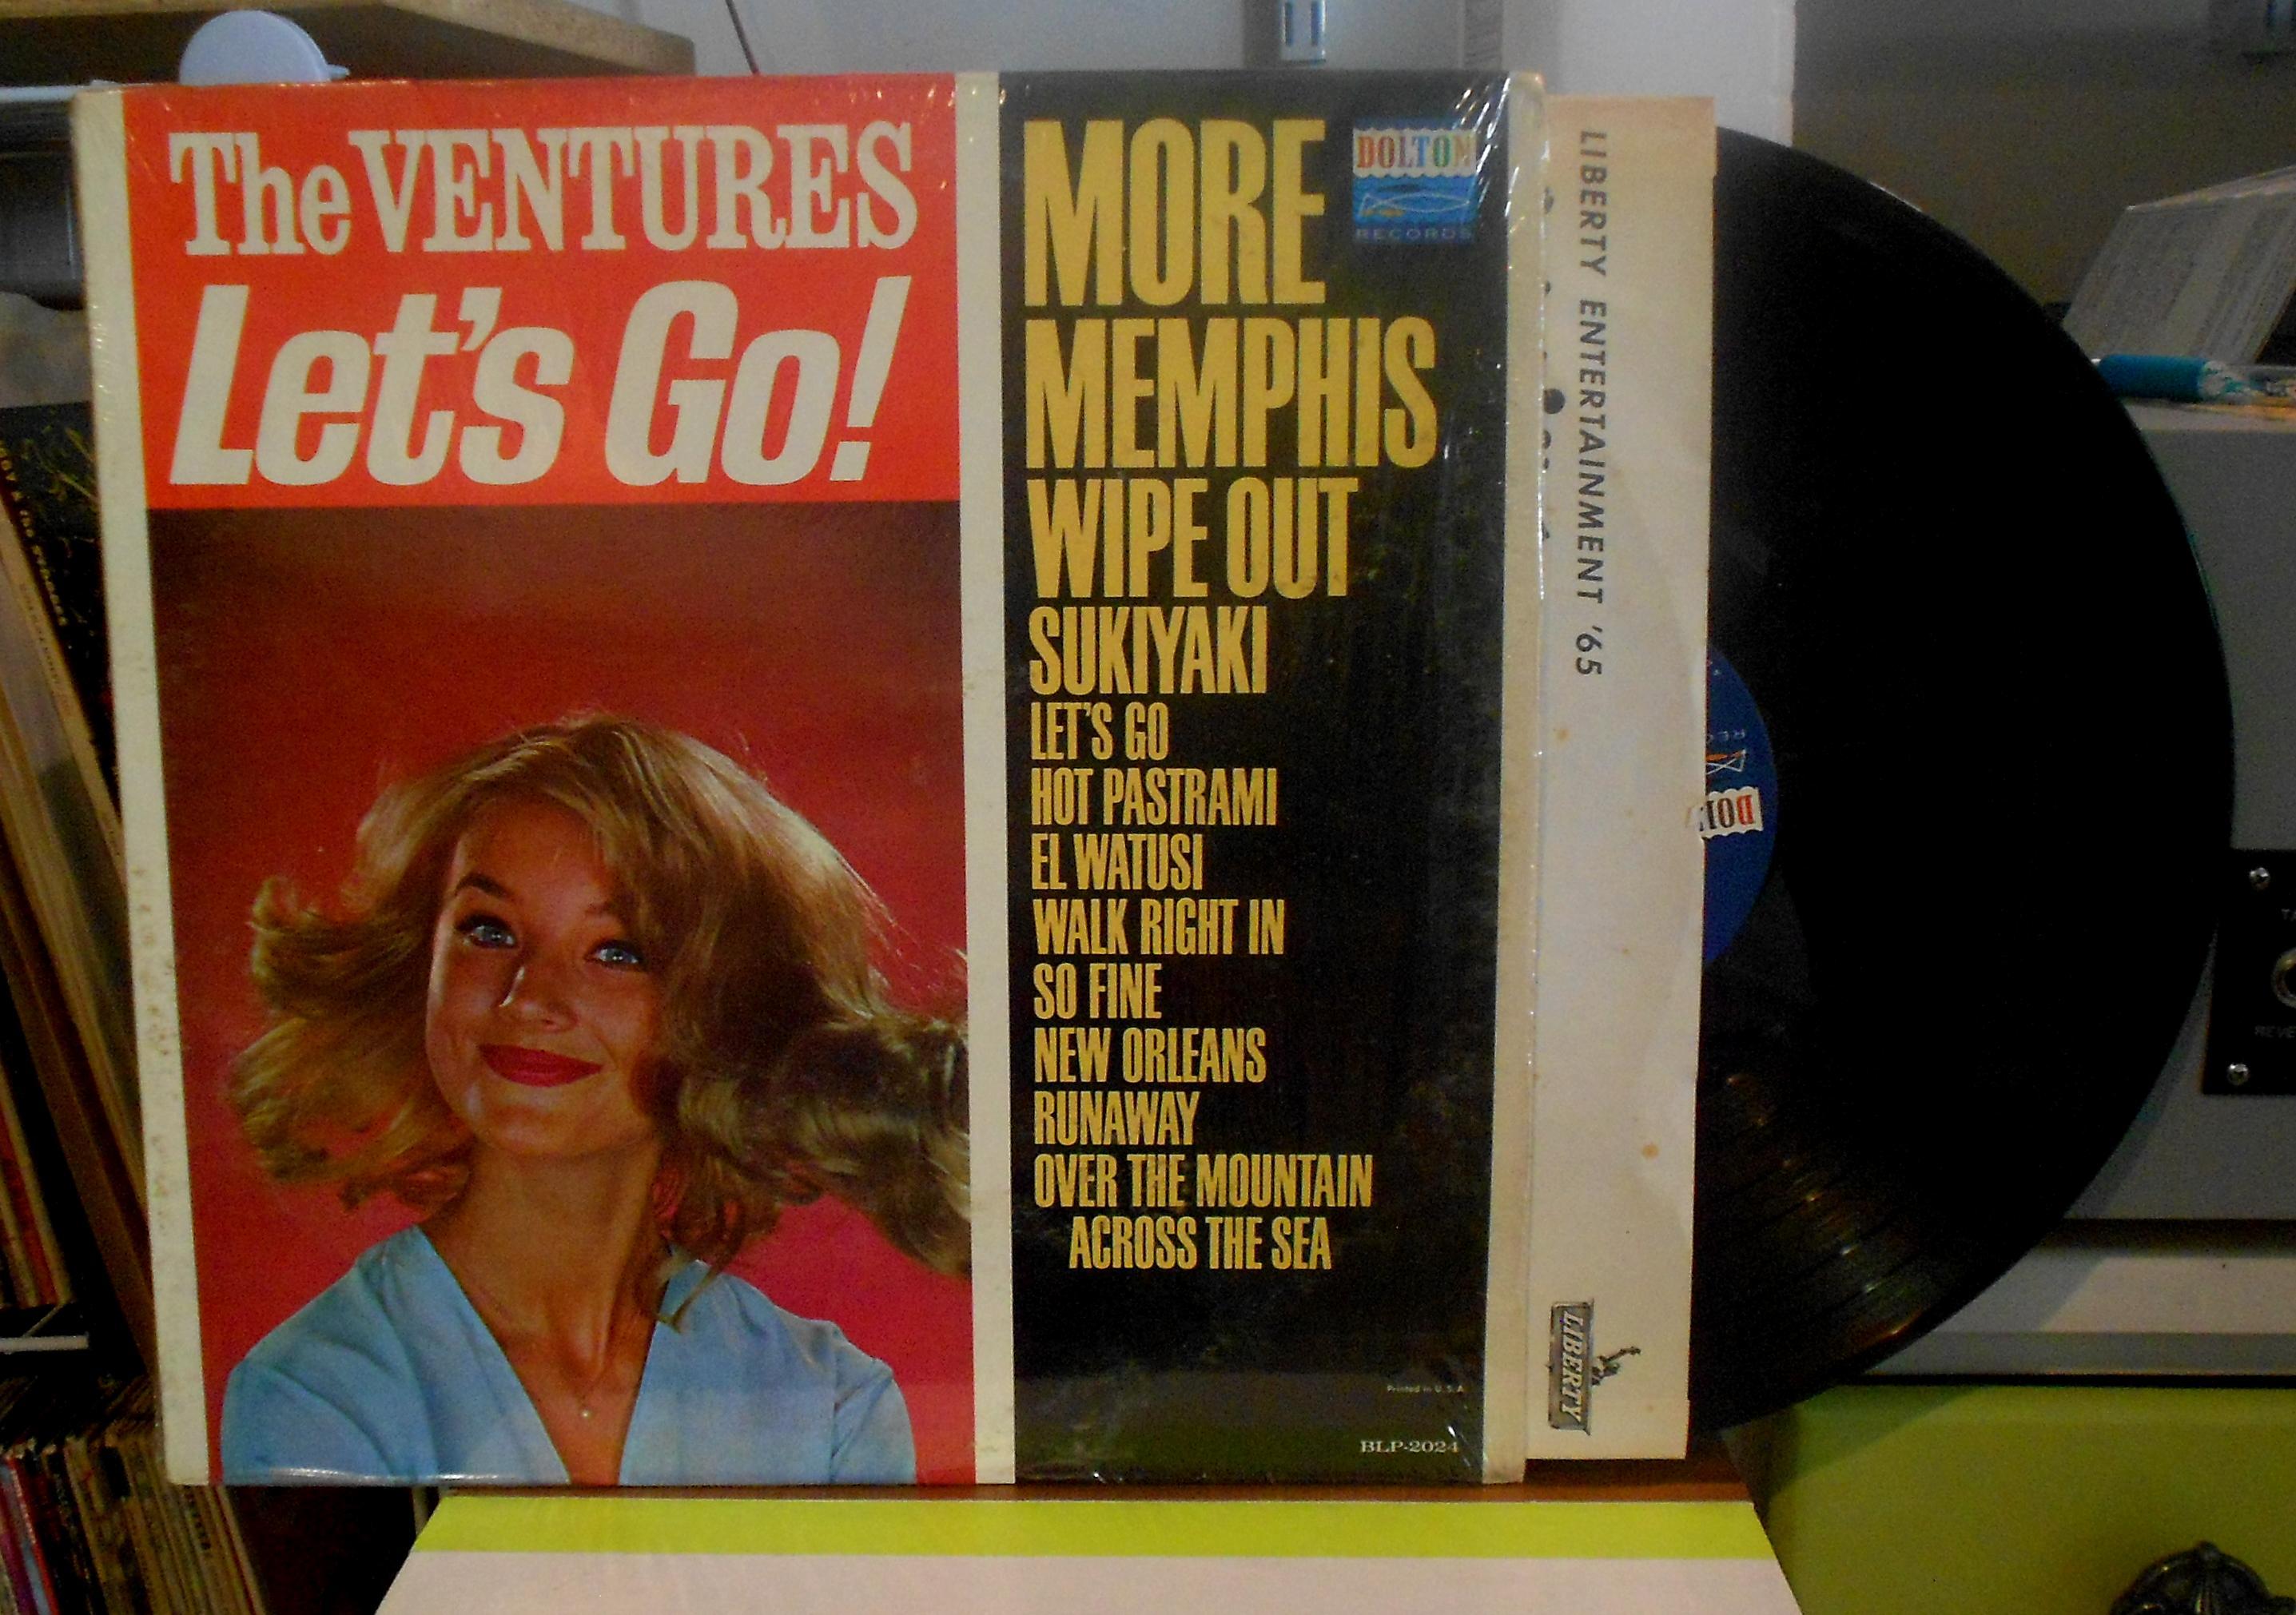 Ventures - Let's Go Lp